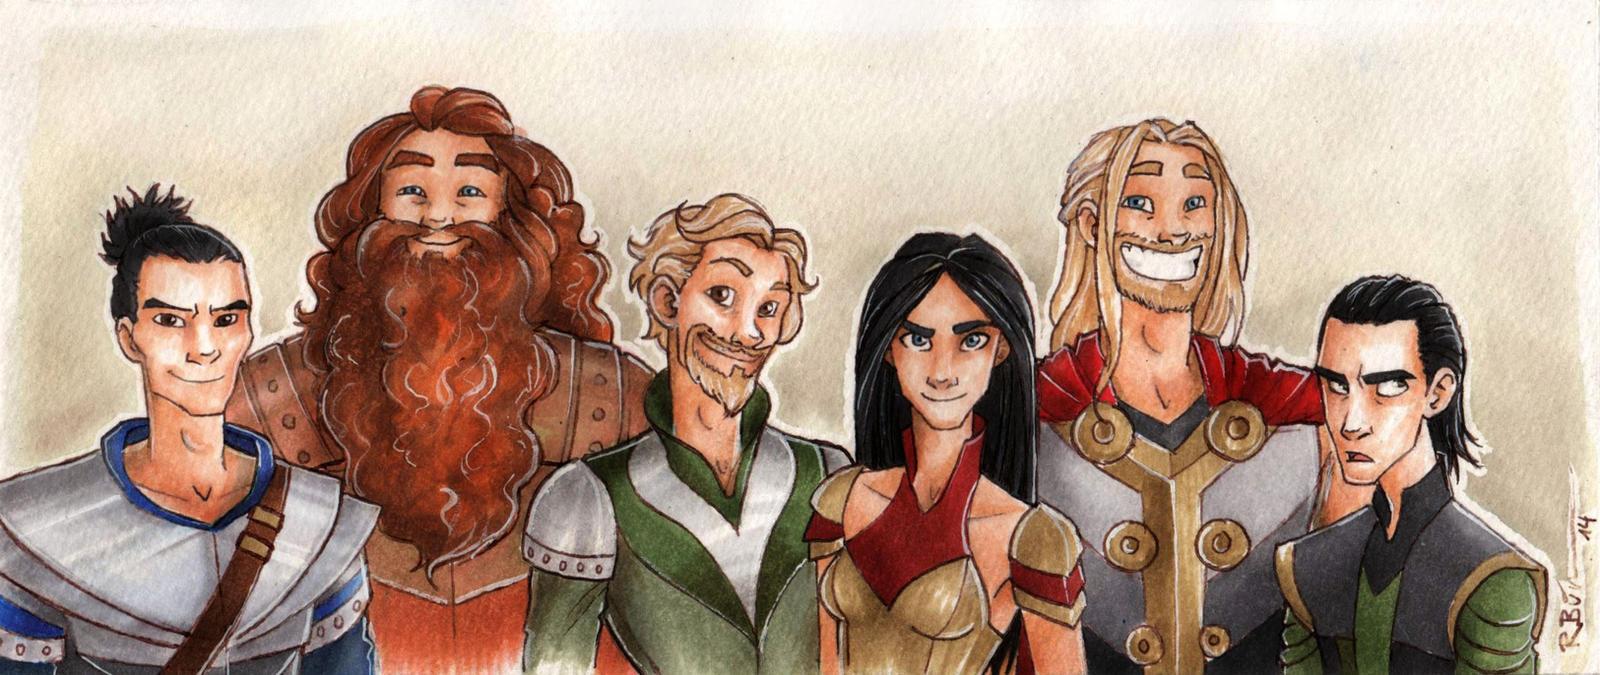 Warriors of Asgard by CaptBexx